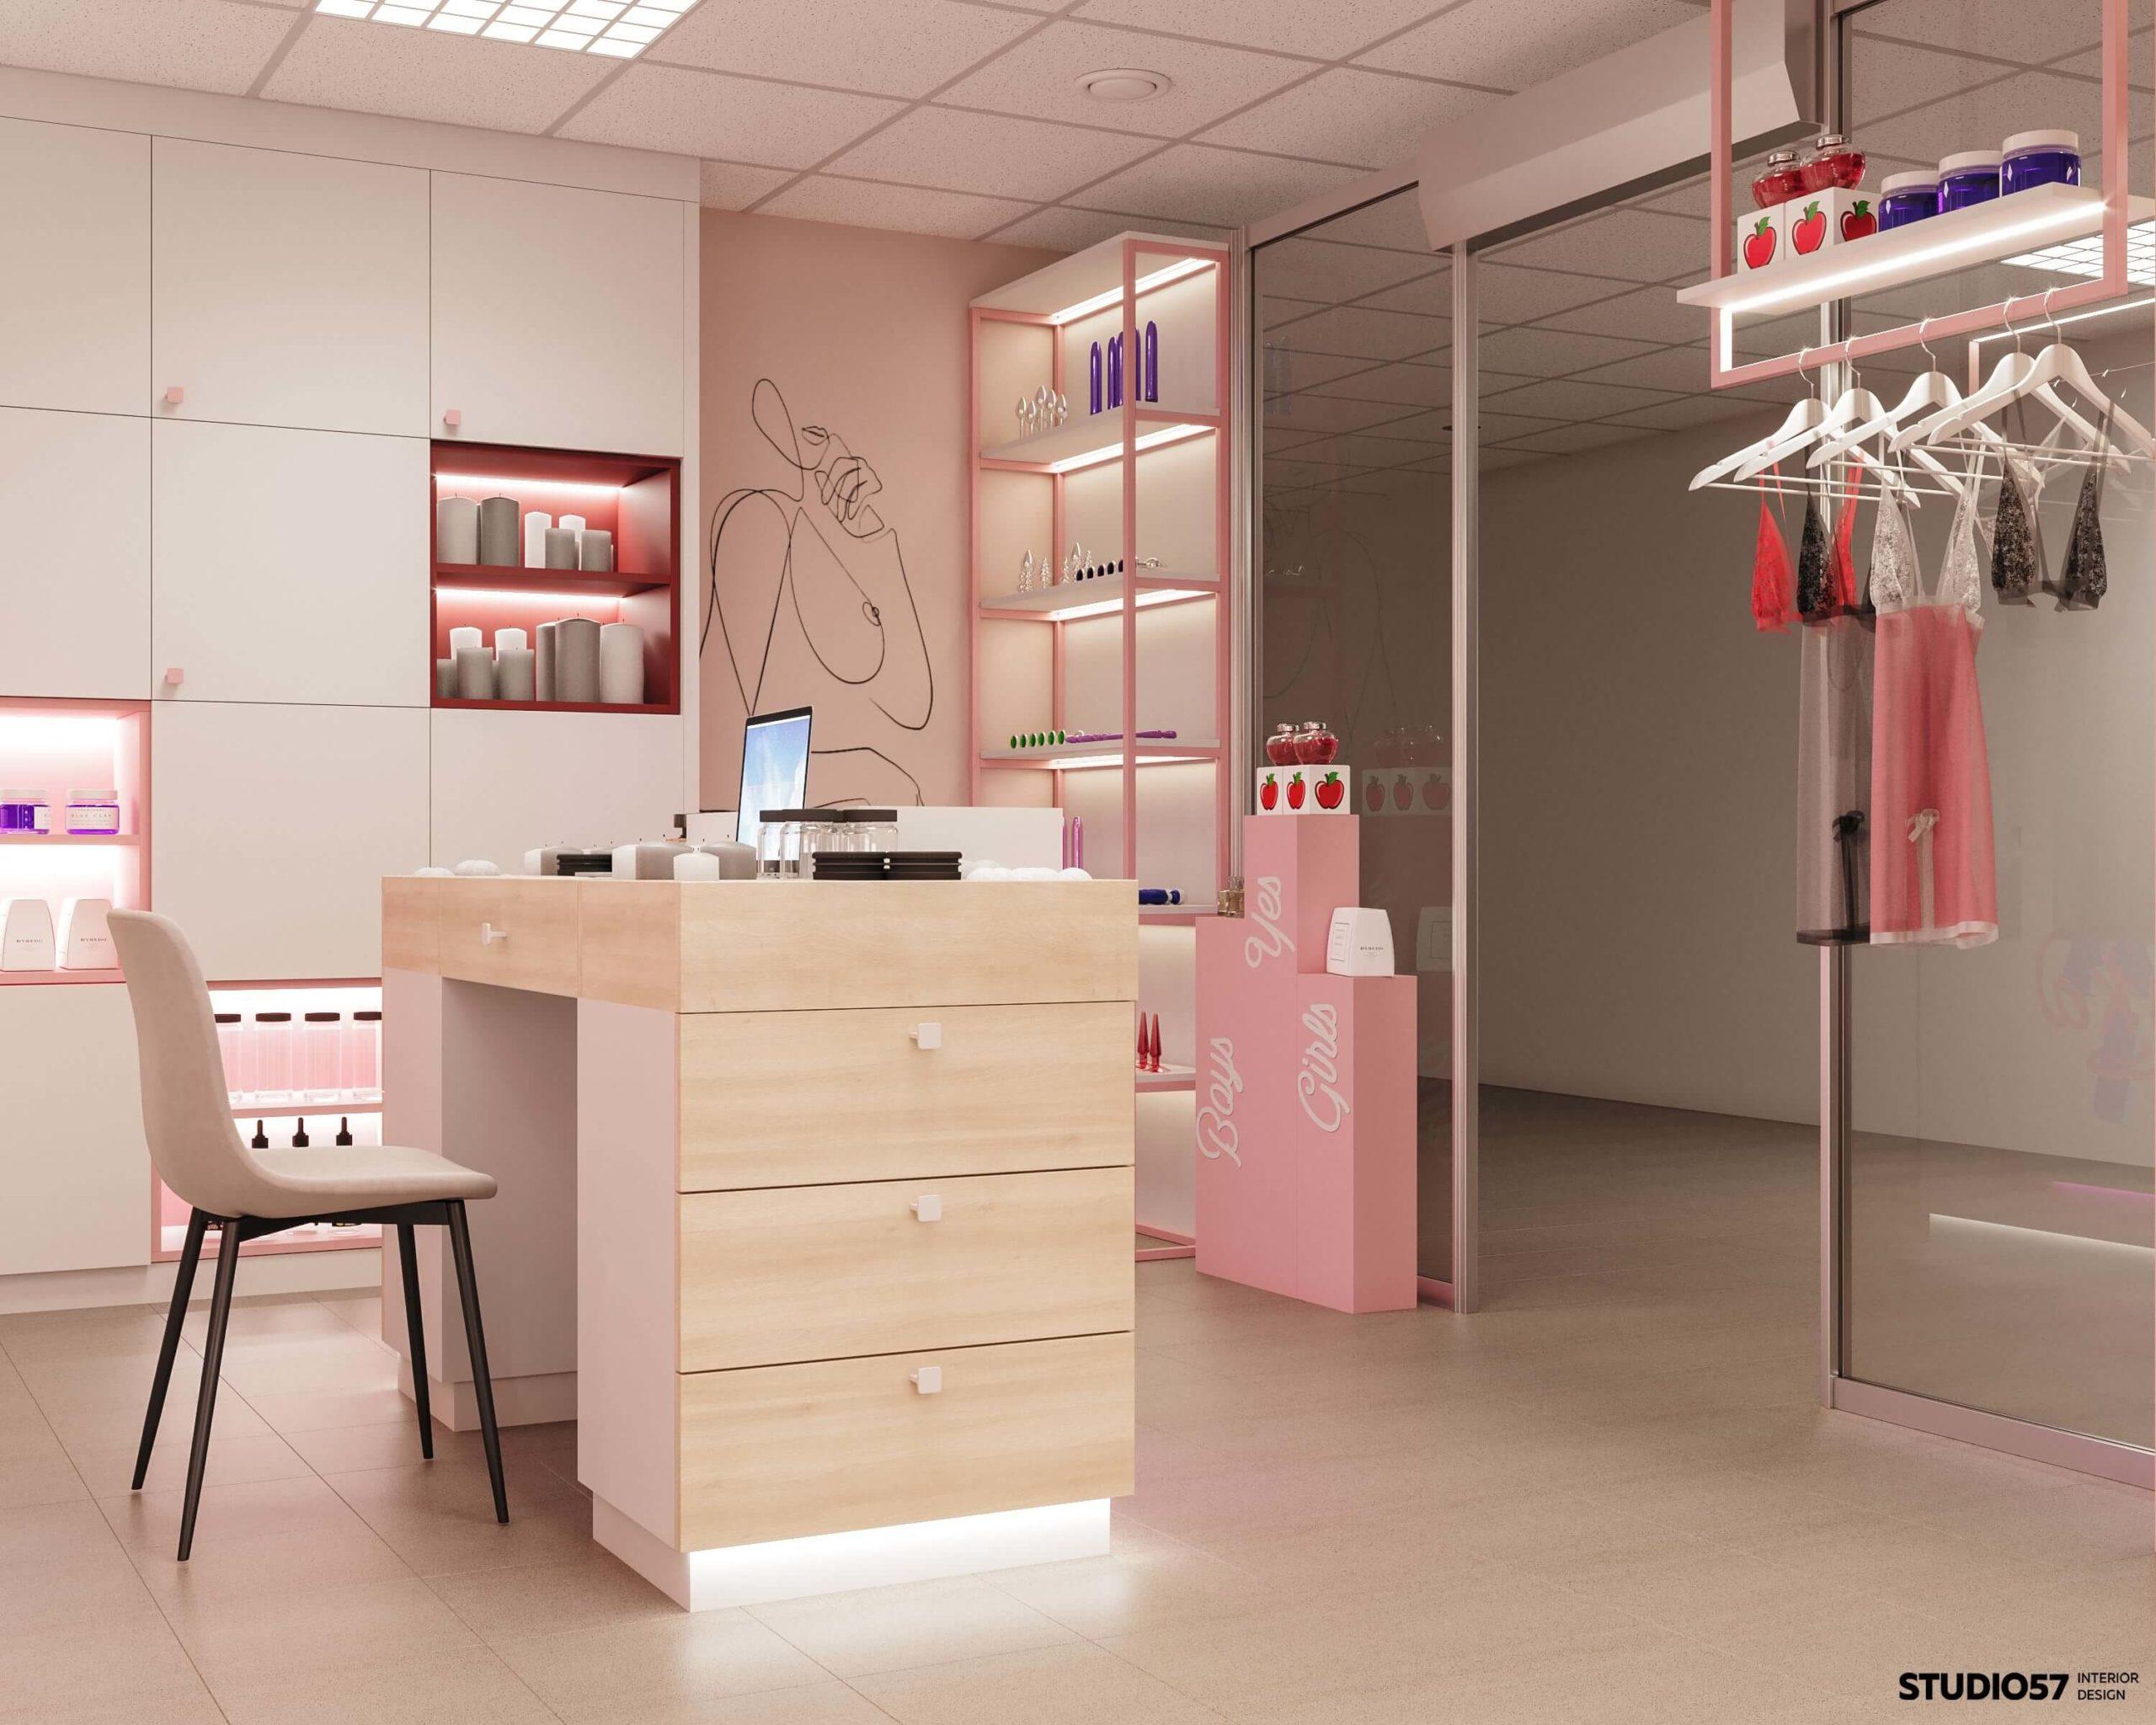 Дизайн магазина игрушек для взрослых. Вид 3.